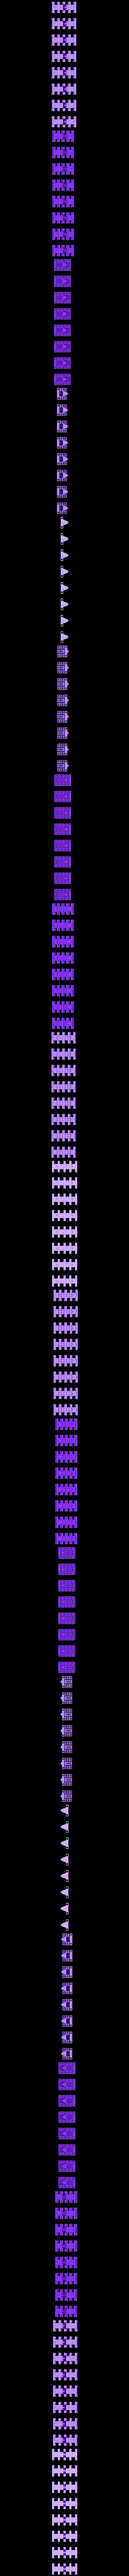 T-34-76 - tracks_2_x8.stl Télécharger fichier STL T-34/76 pour l'assemblage, avec voies mobiles • Objet pour imprimante 3D, c47